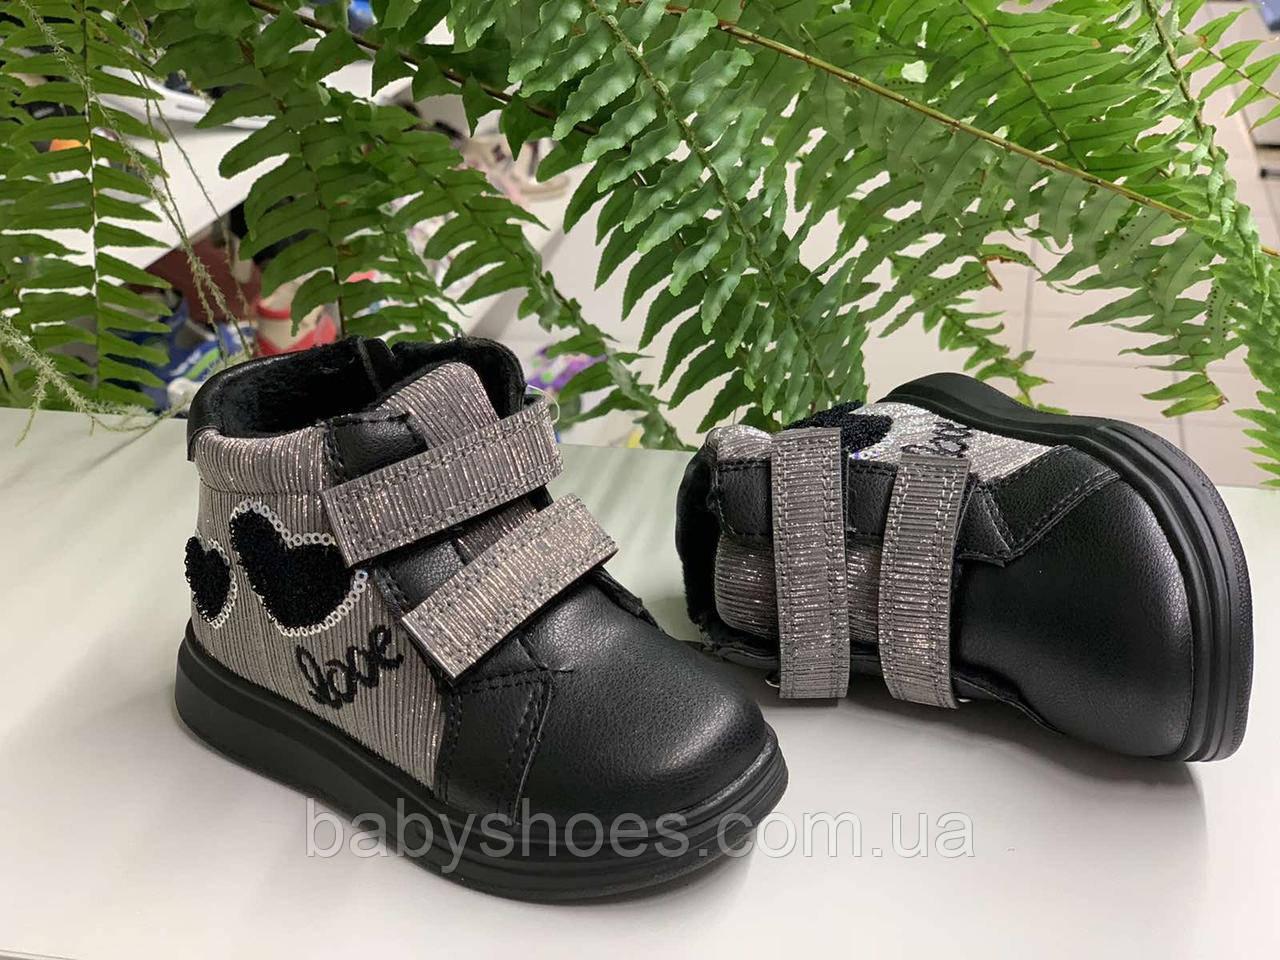 Демисезонные ботинки для девочки,Jong Golf р.26-31 ,ДД-264